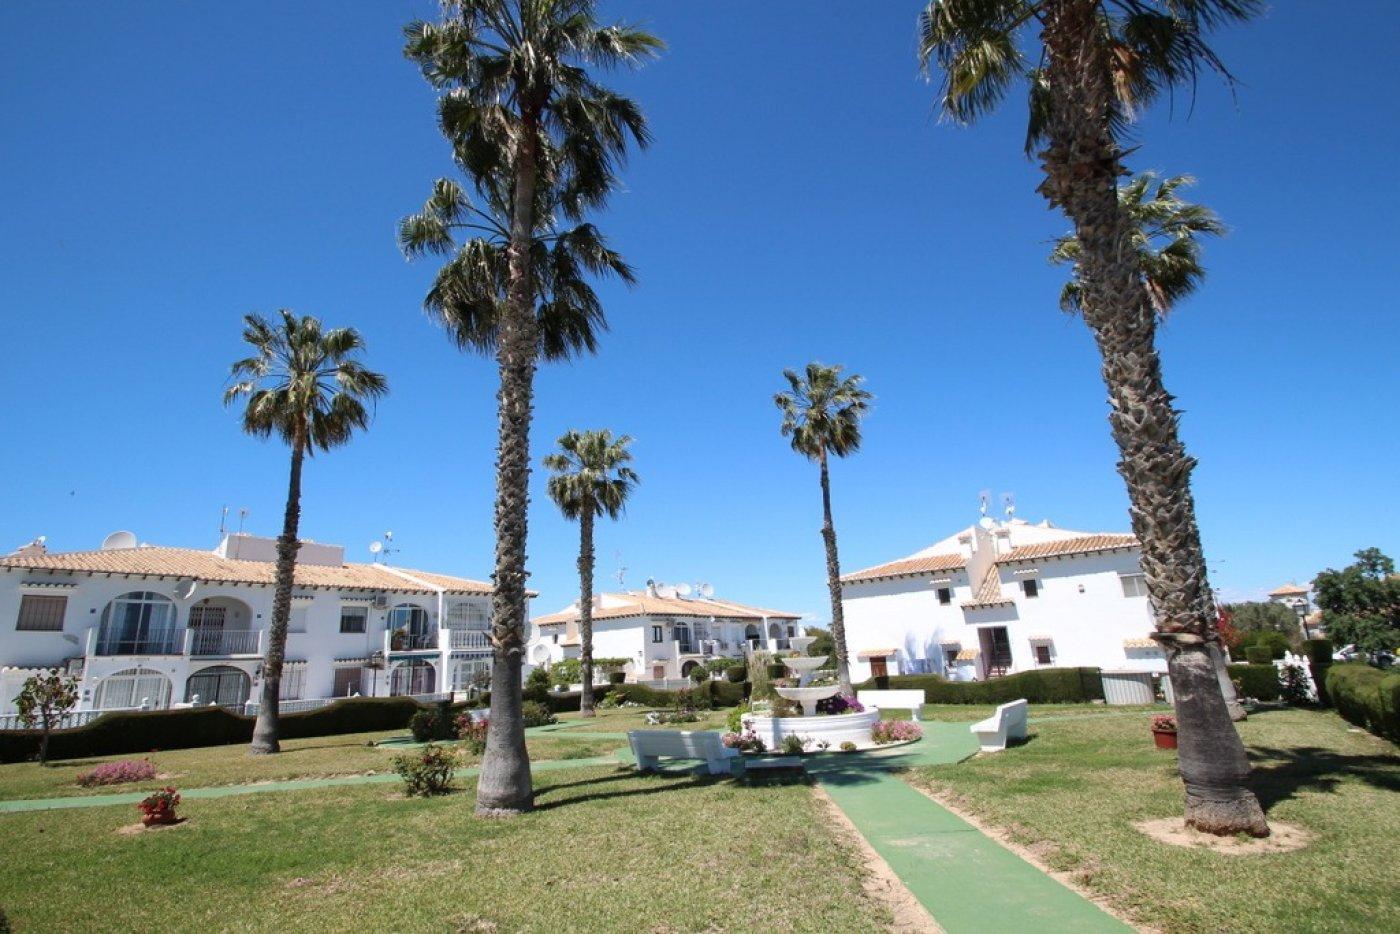 Propiedades en venta en Torrevieja, España image 12